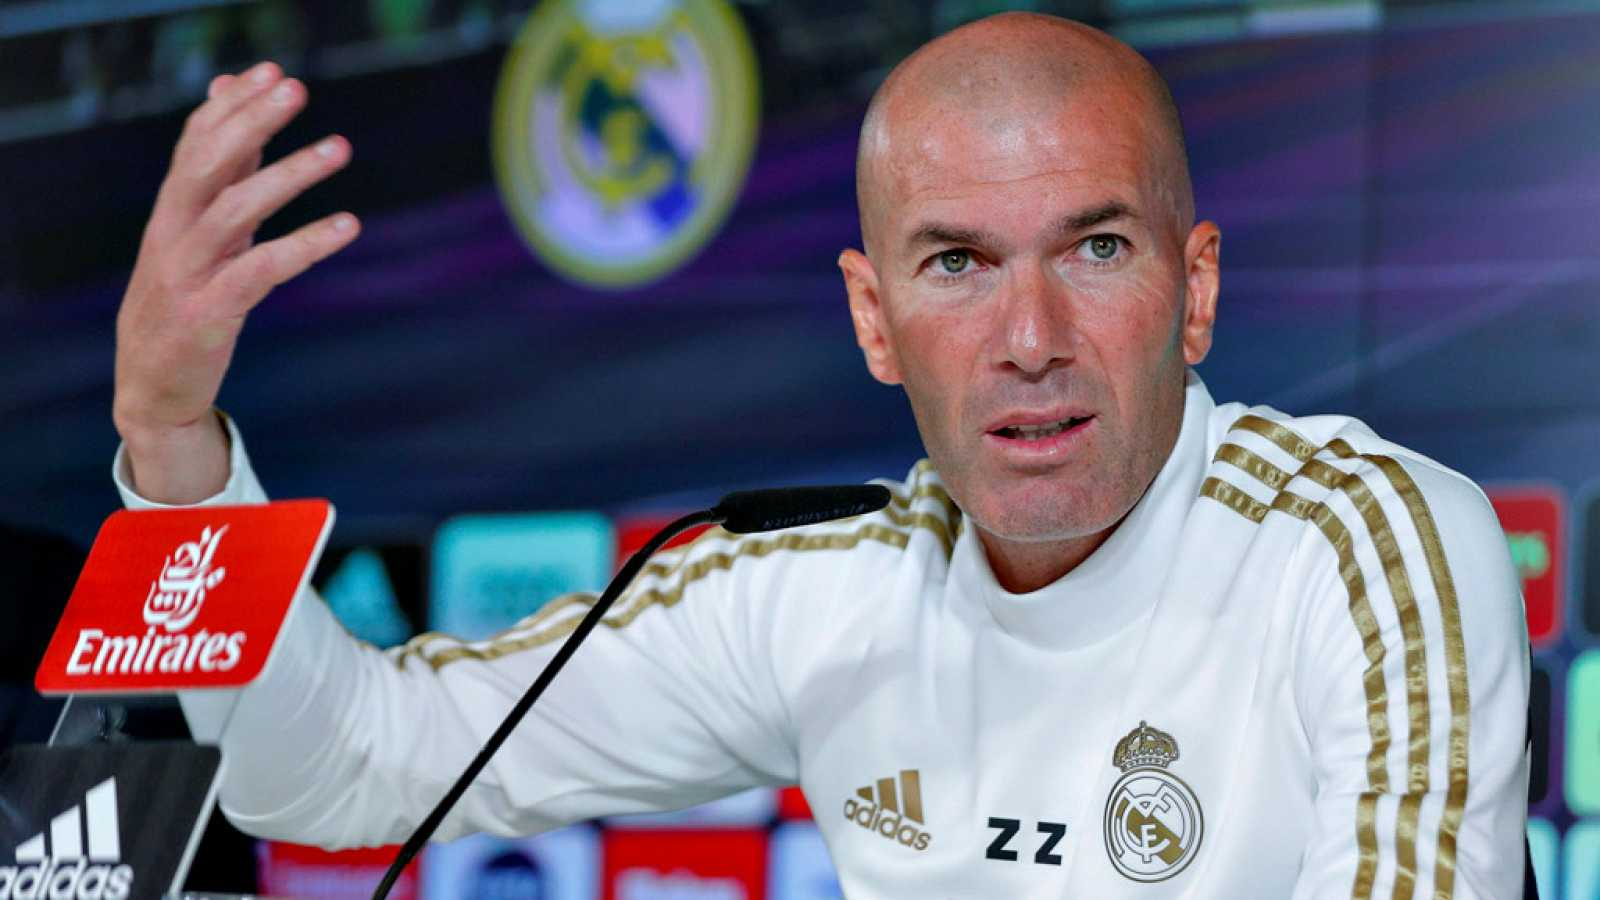 """El entrenador del Real Madrid, Zinédine Zidane, no quiso  profundizar demasiado en el aplazamiento del Clásico que debía de  jugarse el próximo 26 de octubre y aunque reconoció que tiene su  """"preferencia"""" sobre la fecha de su disputa, afirmó que se a"""